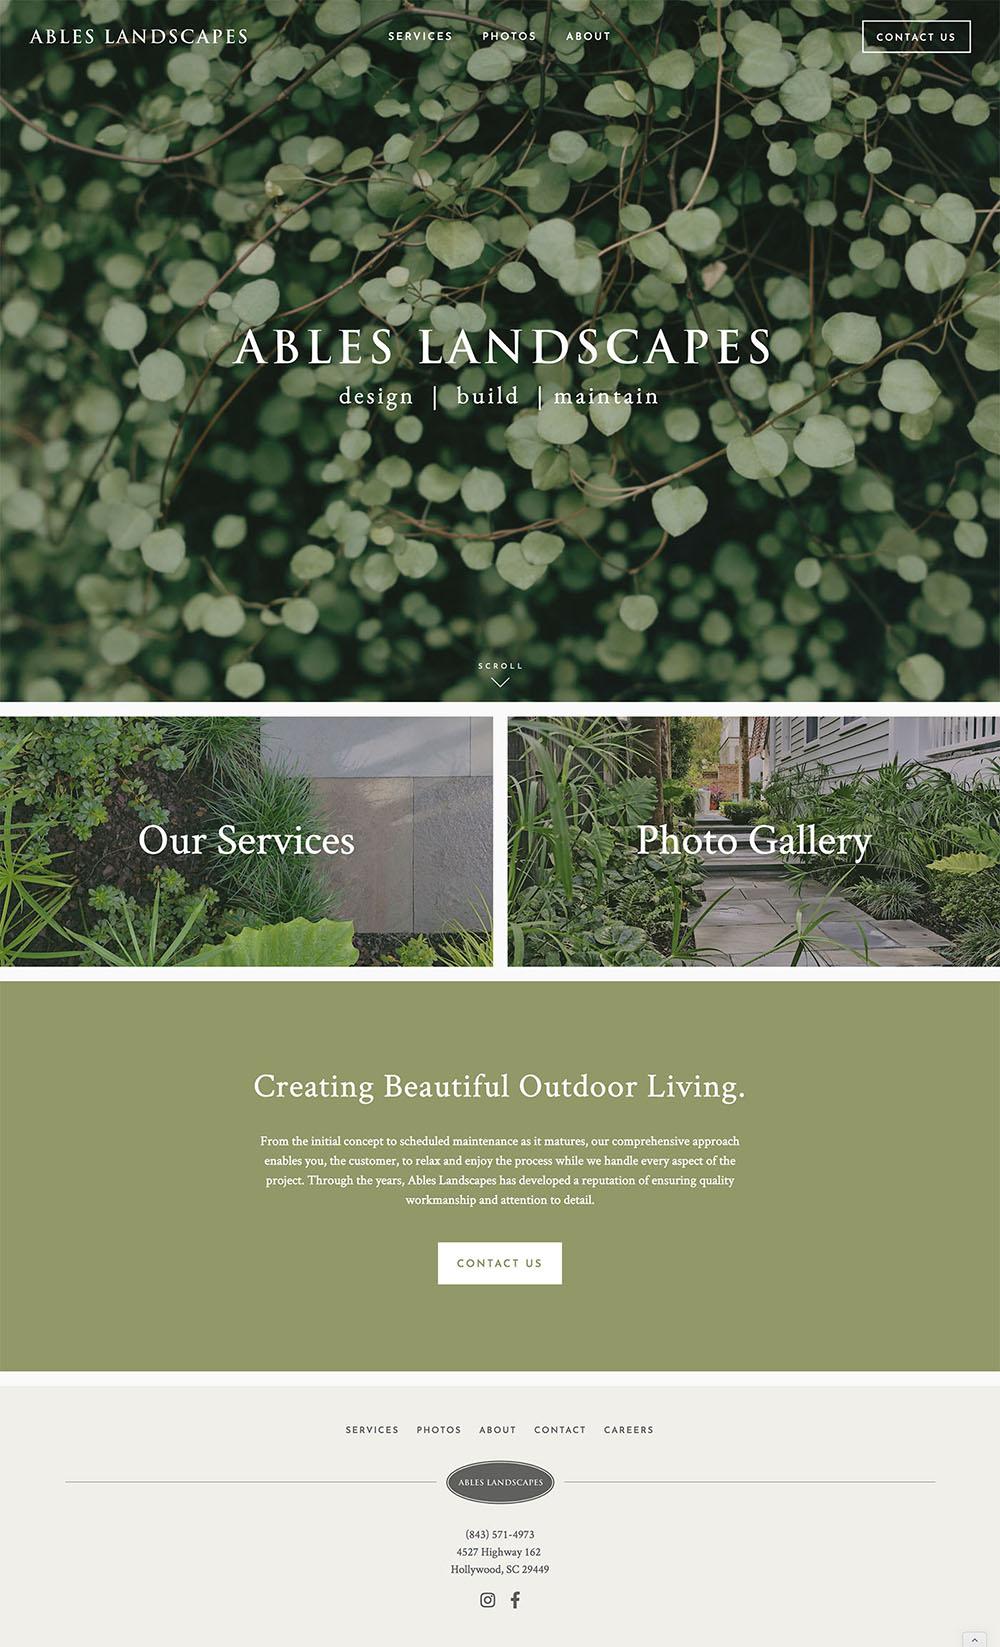 Ables Landscapes